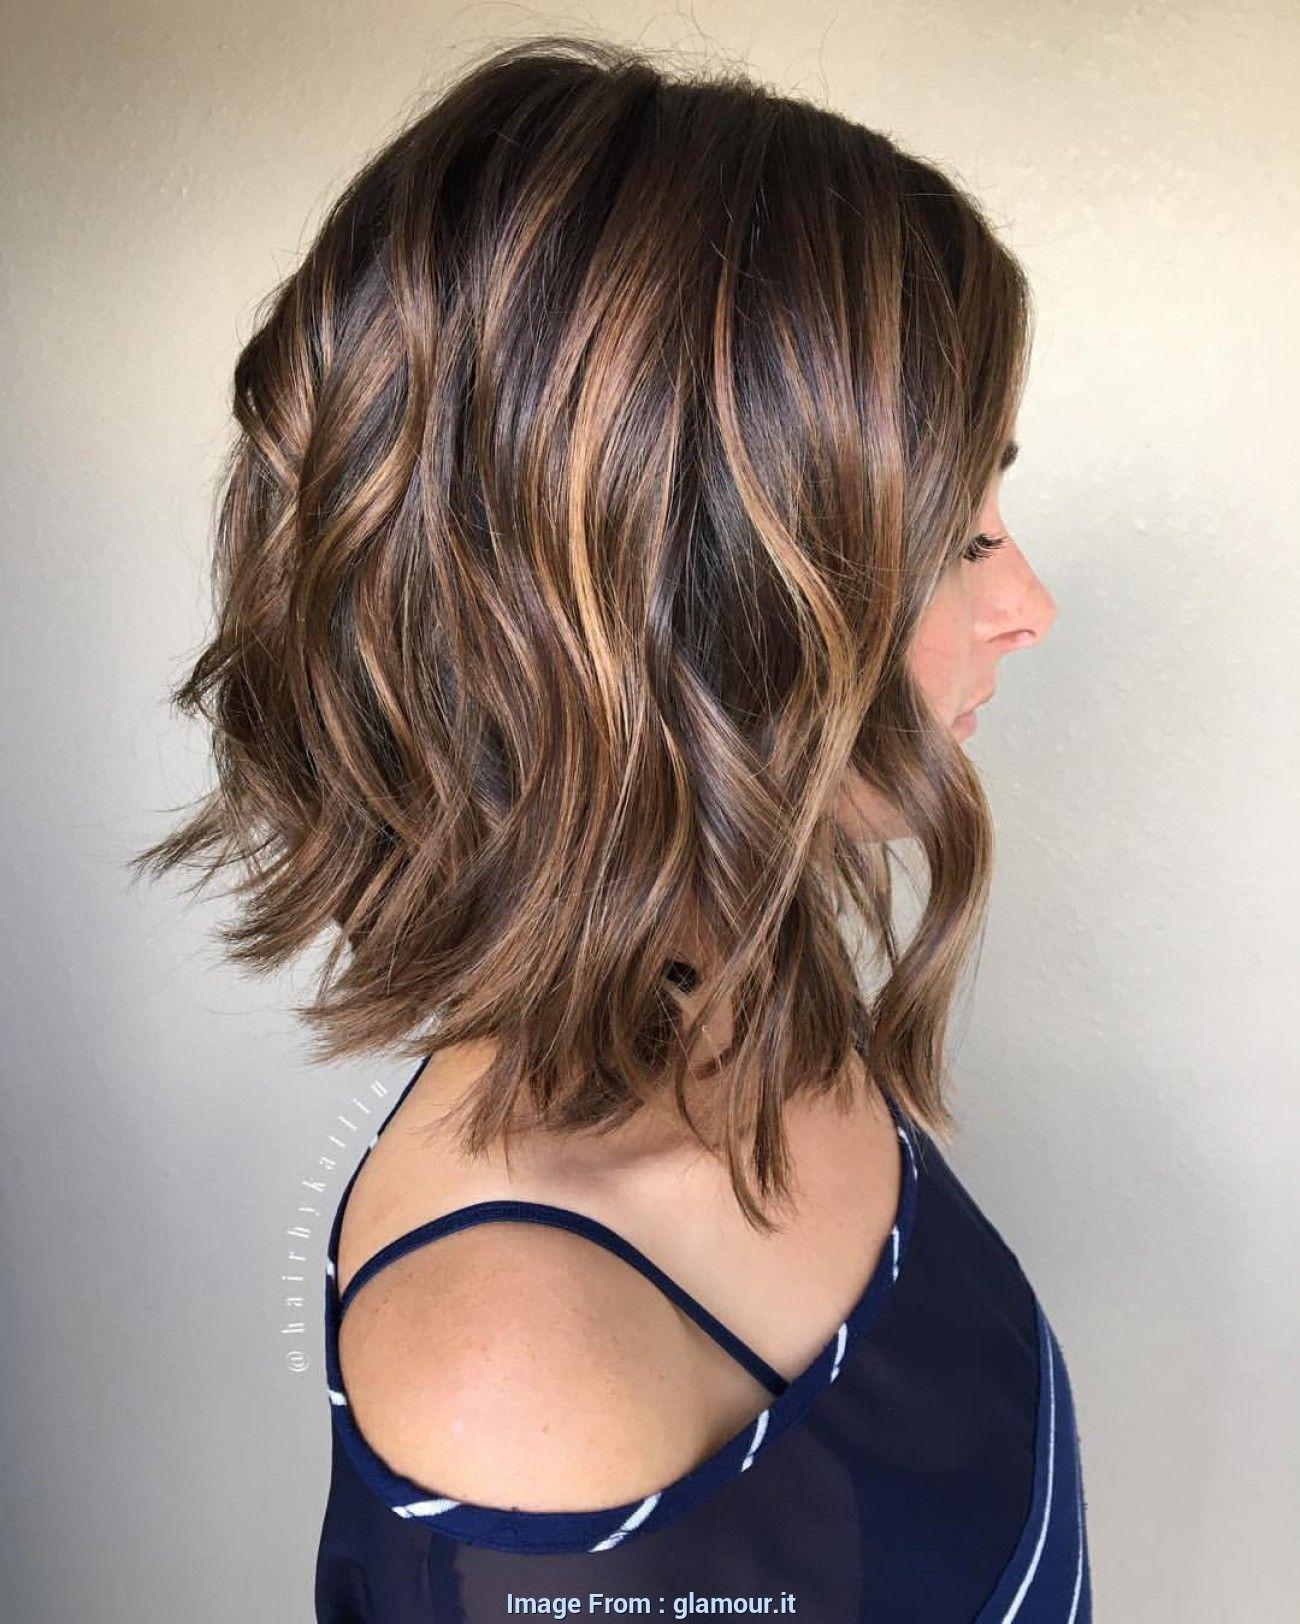 Taglio capelli corti dietro lunghi davanti mossi